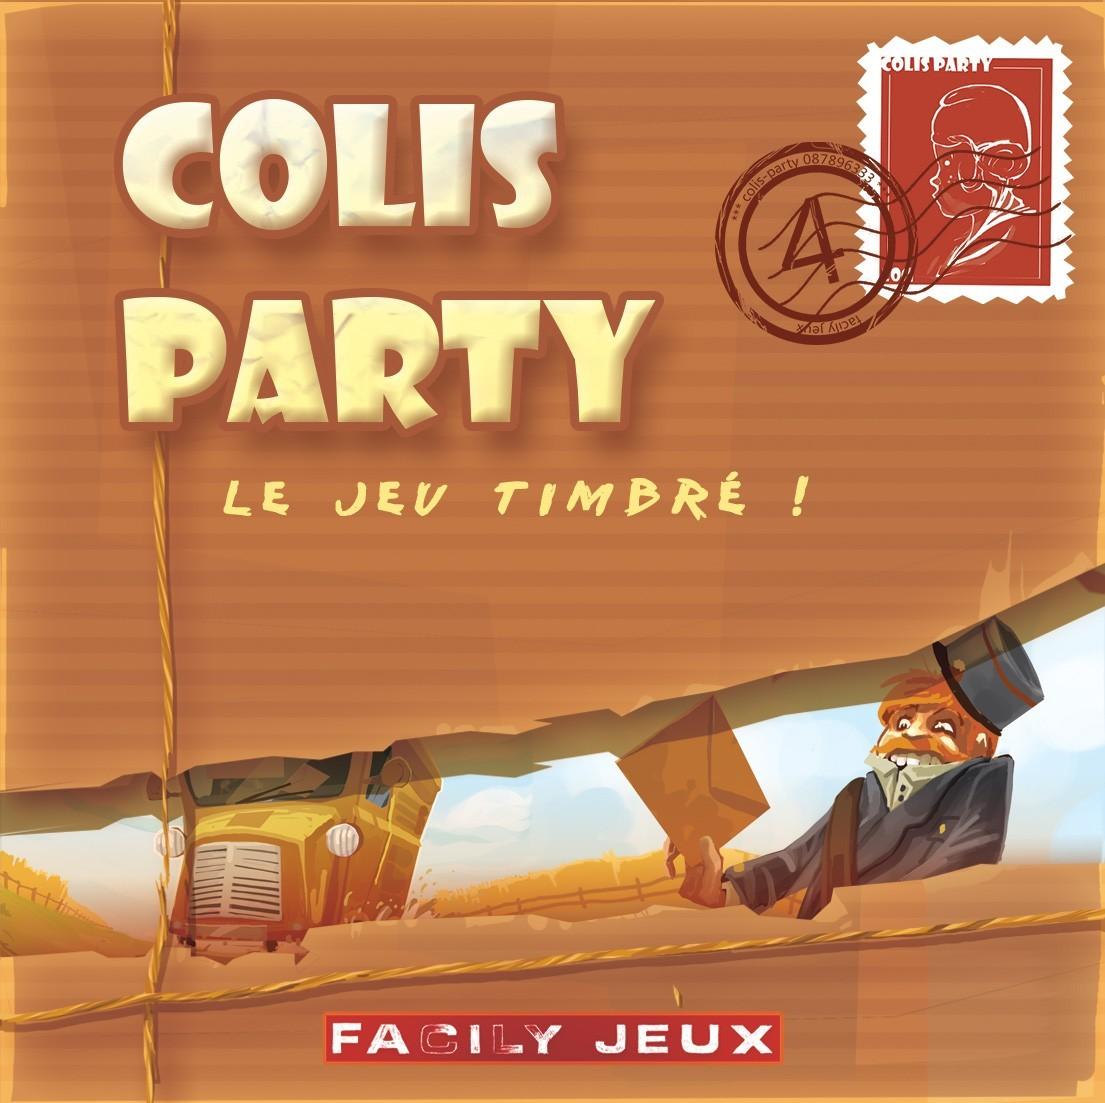 Colis Party, le facteur tape 3 fois